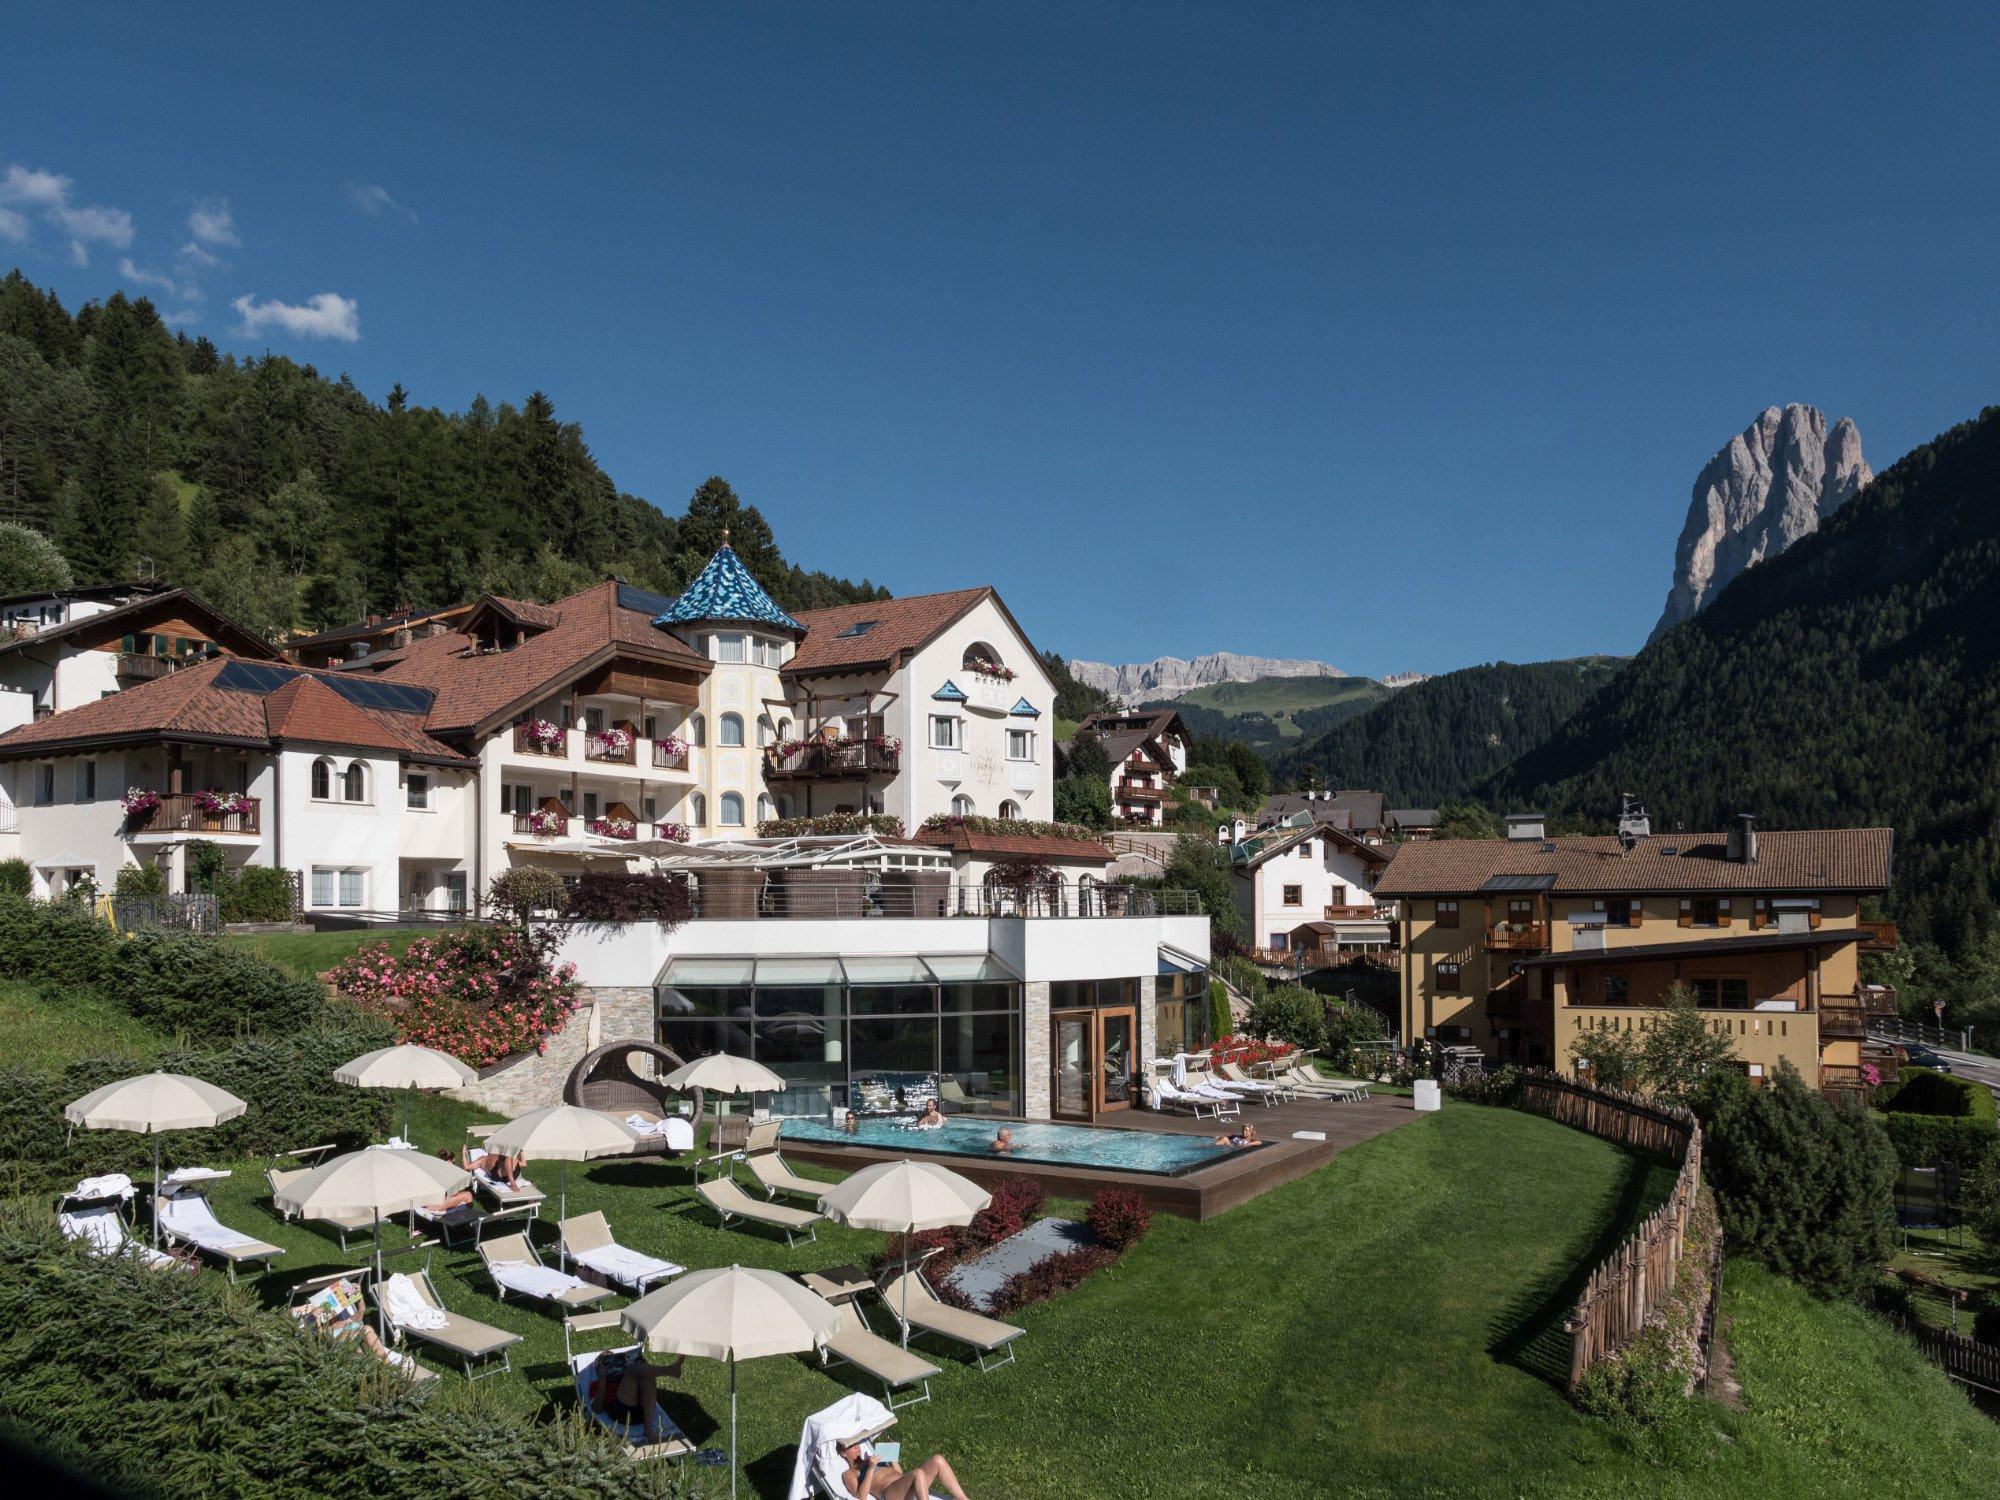 Alpenheim